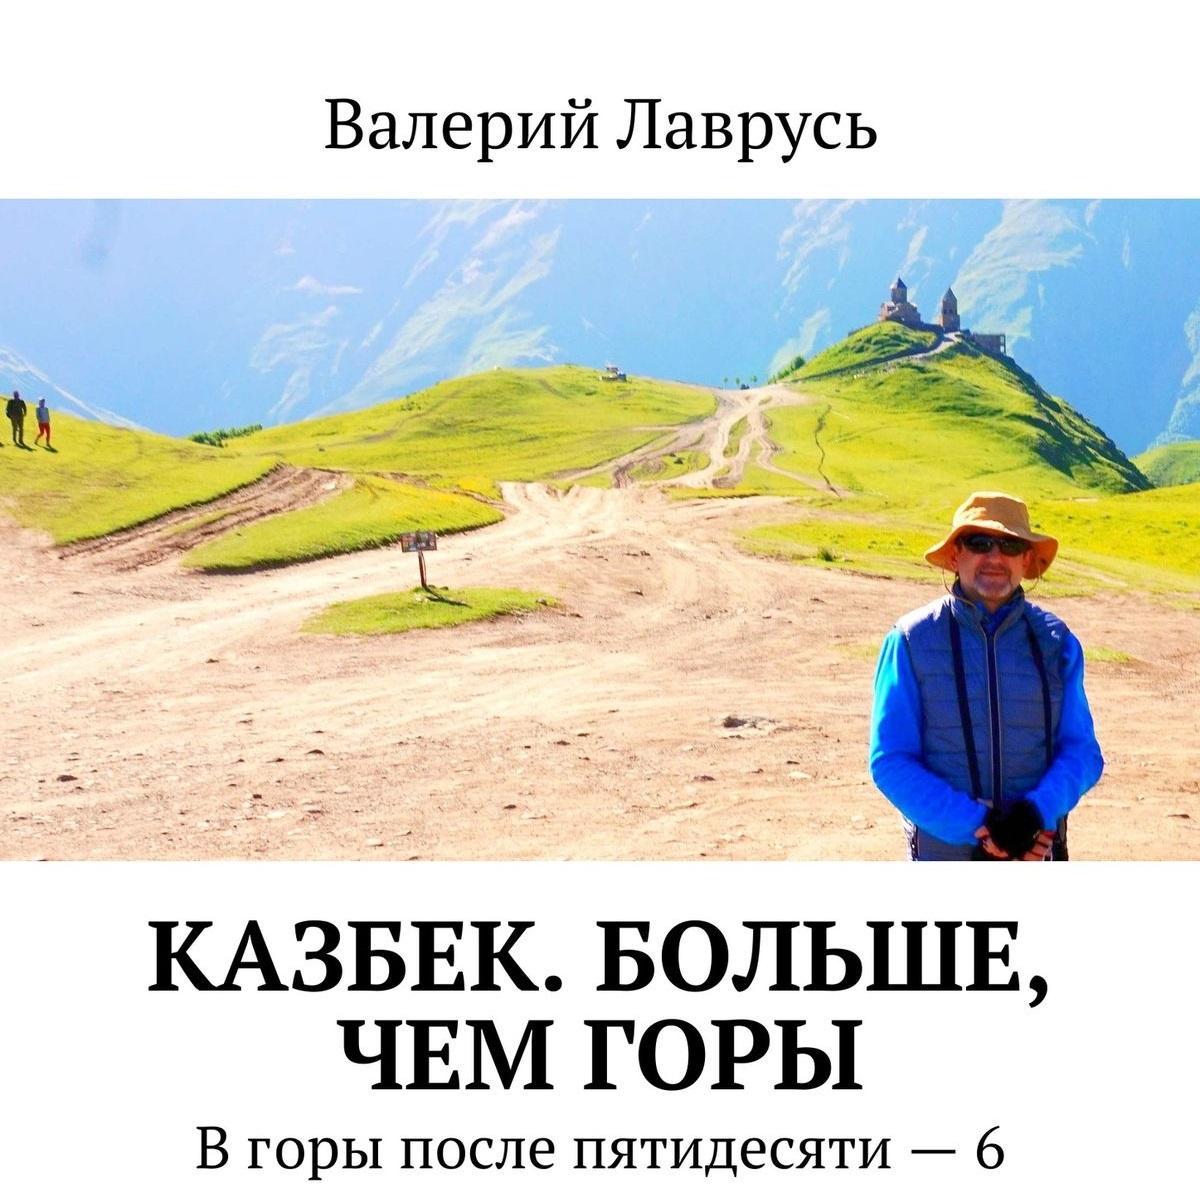 Валерий Лаврусь Казбек. Больше, чемгоры. Вгоры после пятидесяти – 6 цены